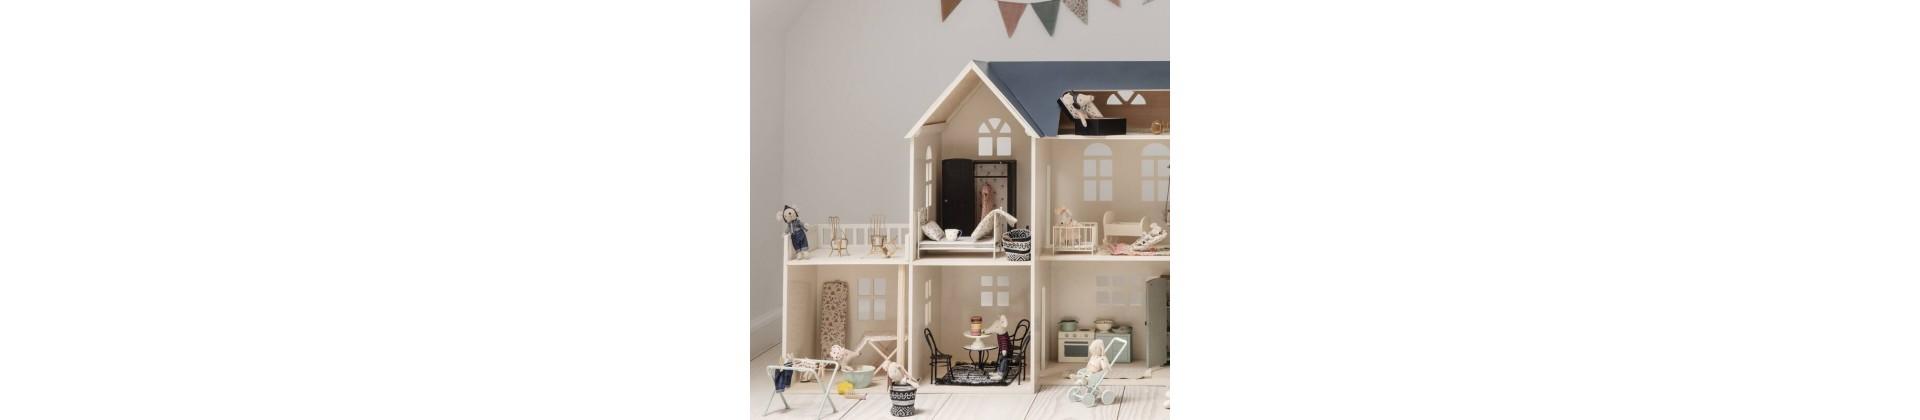 Maison de poupée Maileg en stock - Achat/Vente en ligne